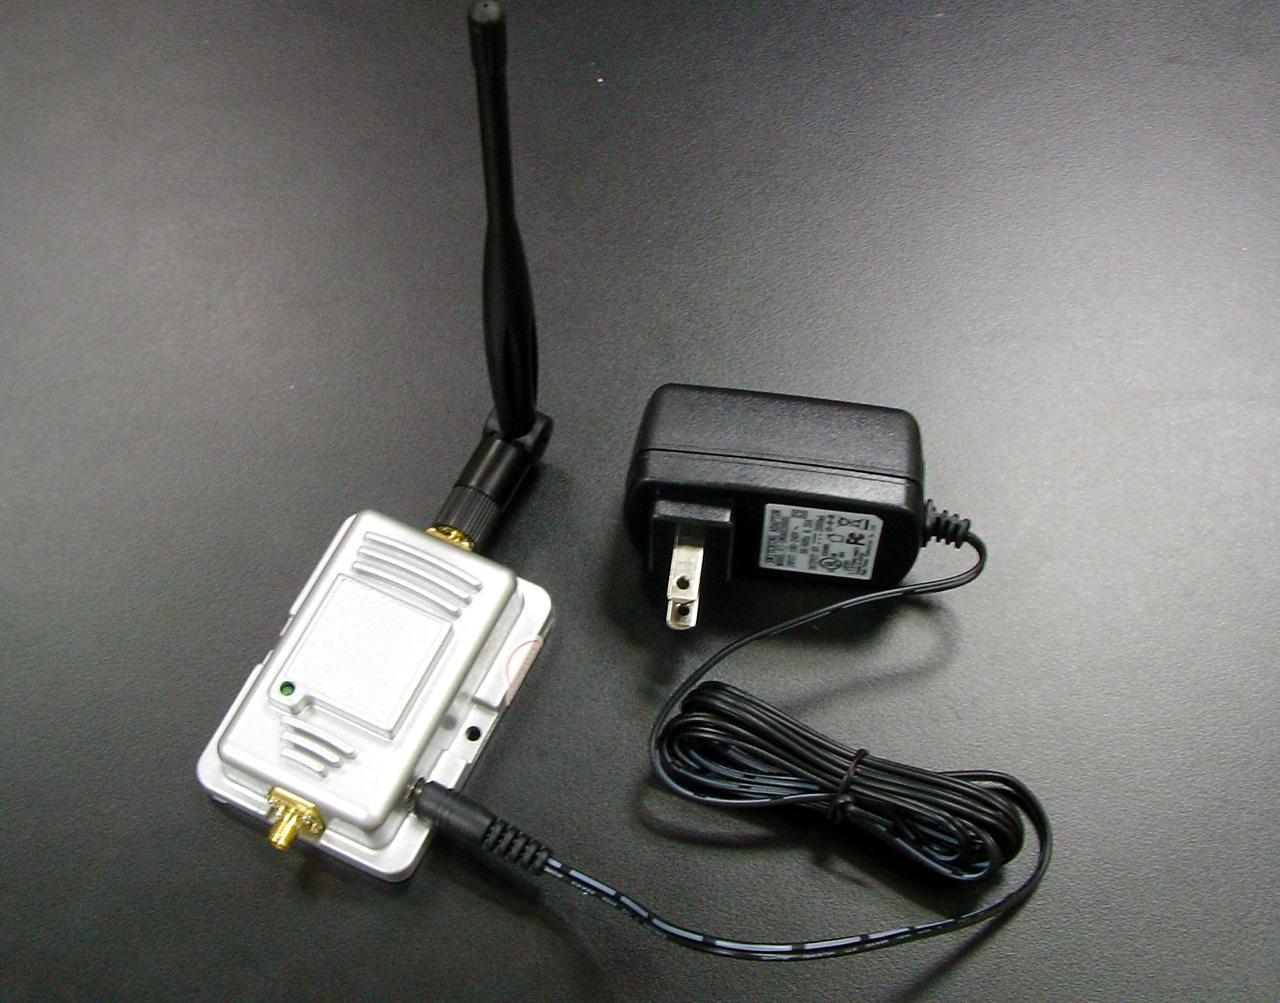 画像1: 2.4GHz WiFi ホットスポット用ブースター 1000 mW (+30 dBm)